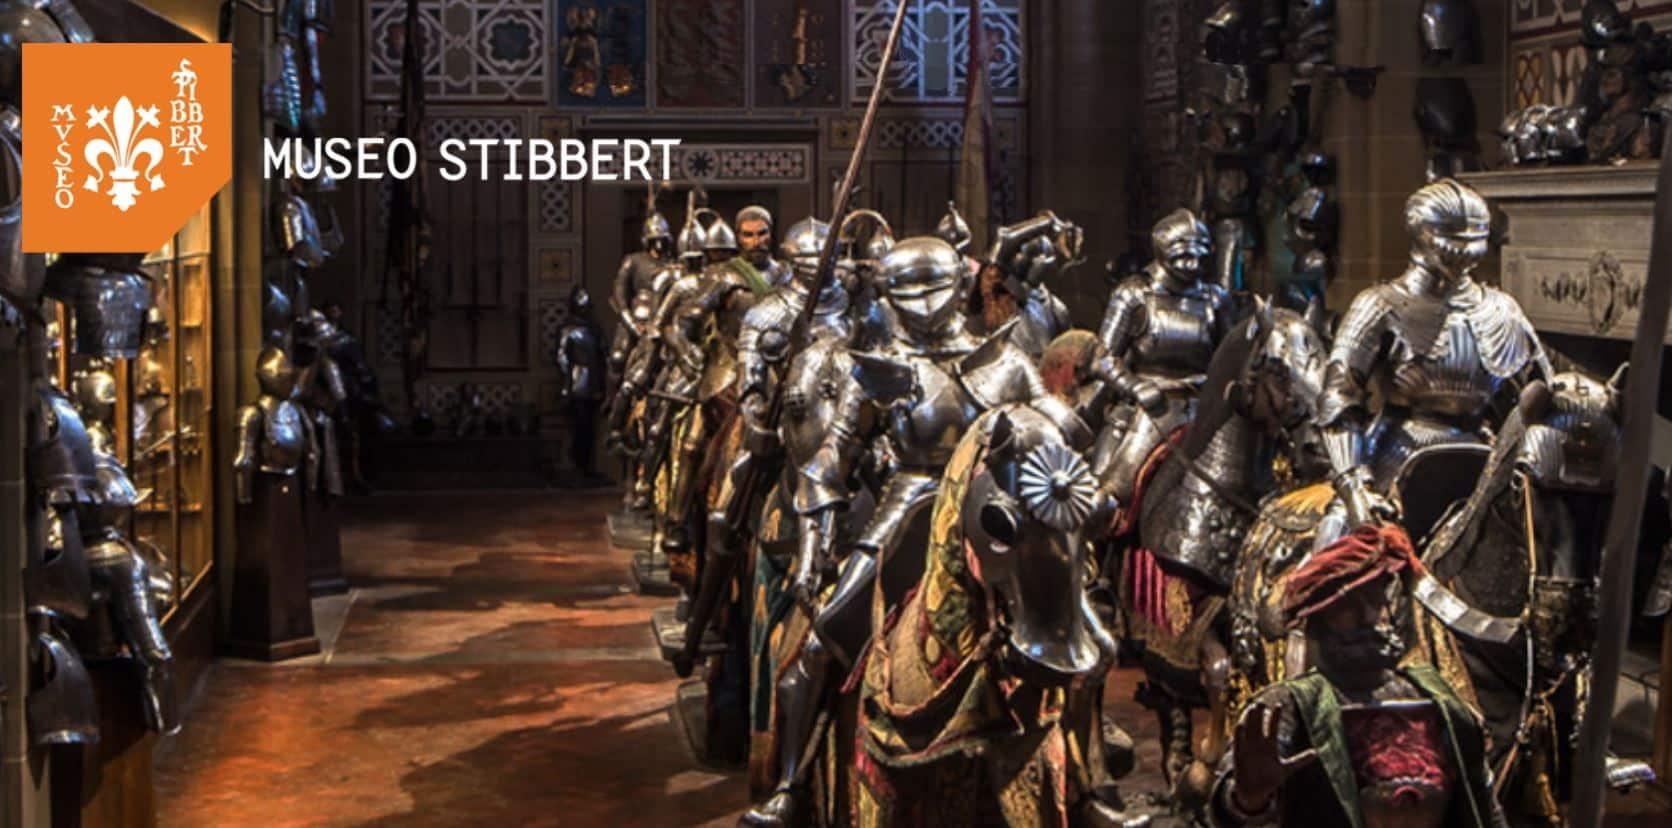 Firenze: Museo Stibbert